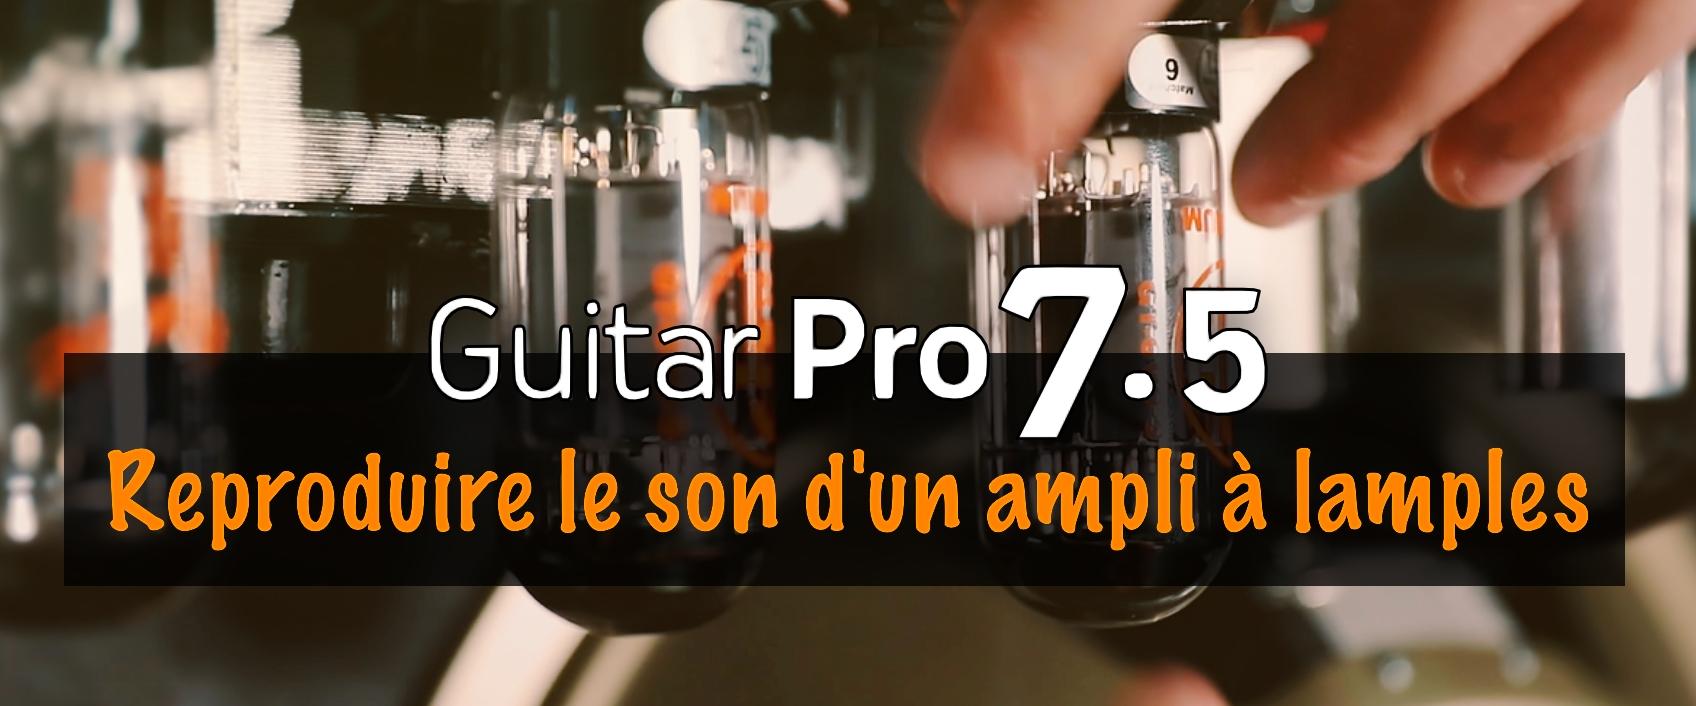 La sonorité d'un ampli à lampes dans Guitar Pro